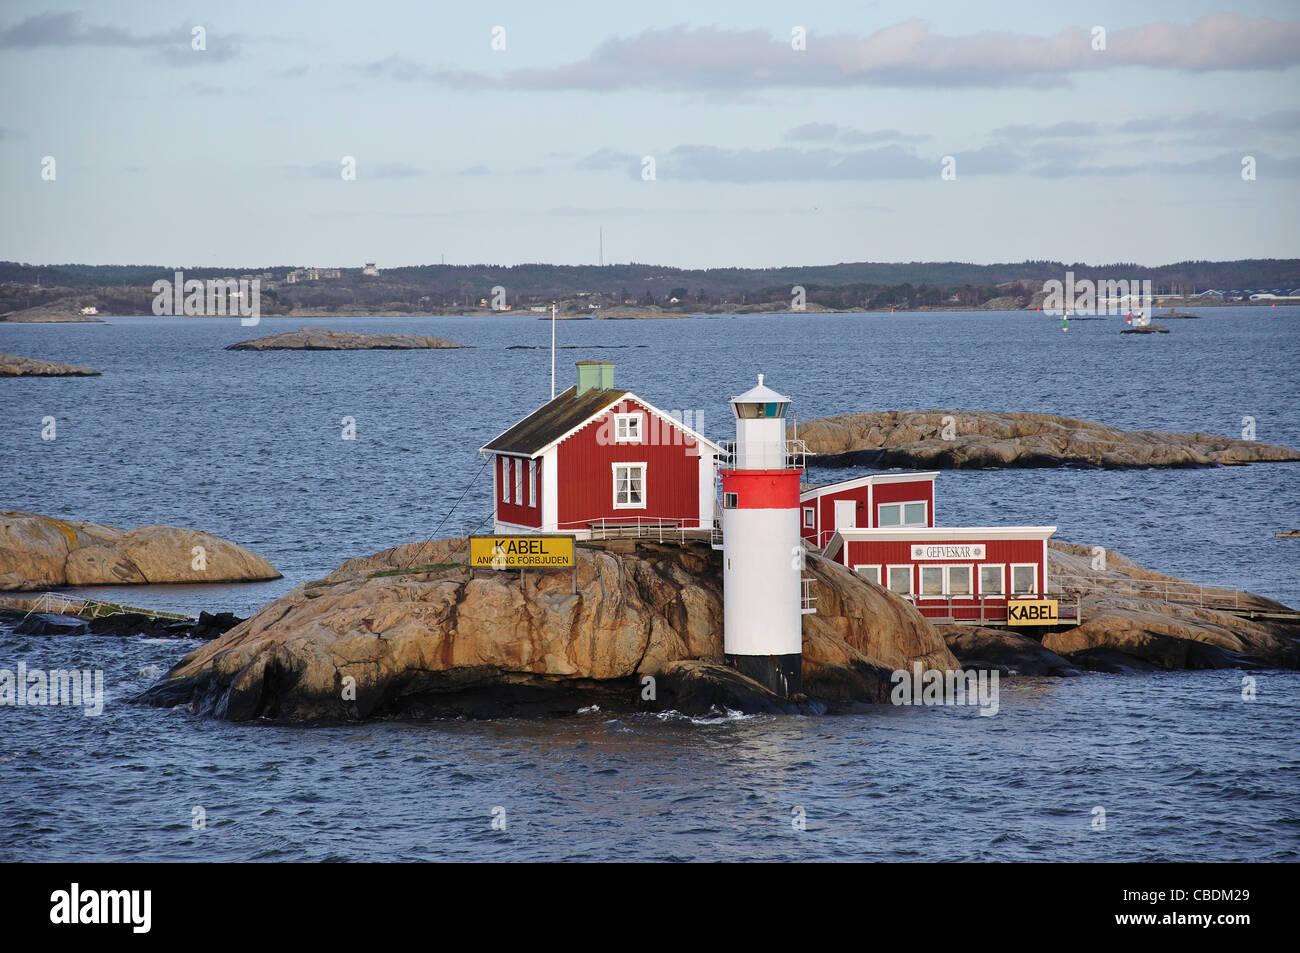 Leuchtturm am Eingang zum Göteborg Hafen, Göteborg, Västergötland & Bohuslän Provinz, Stockbild